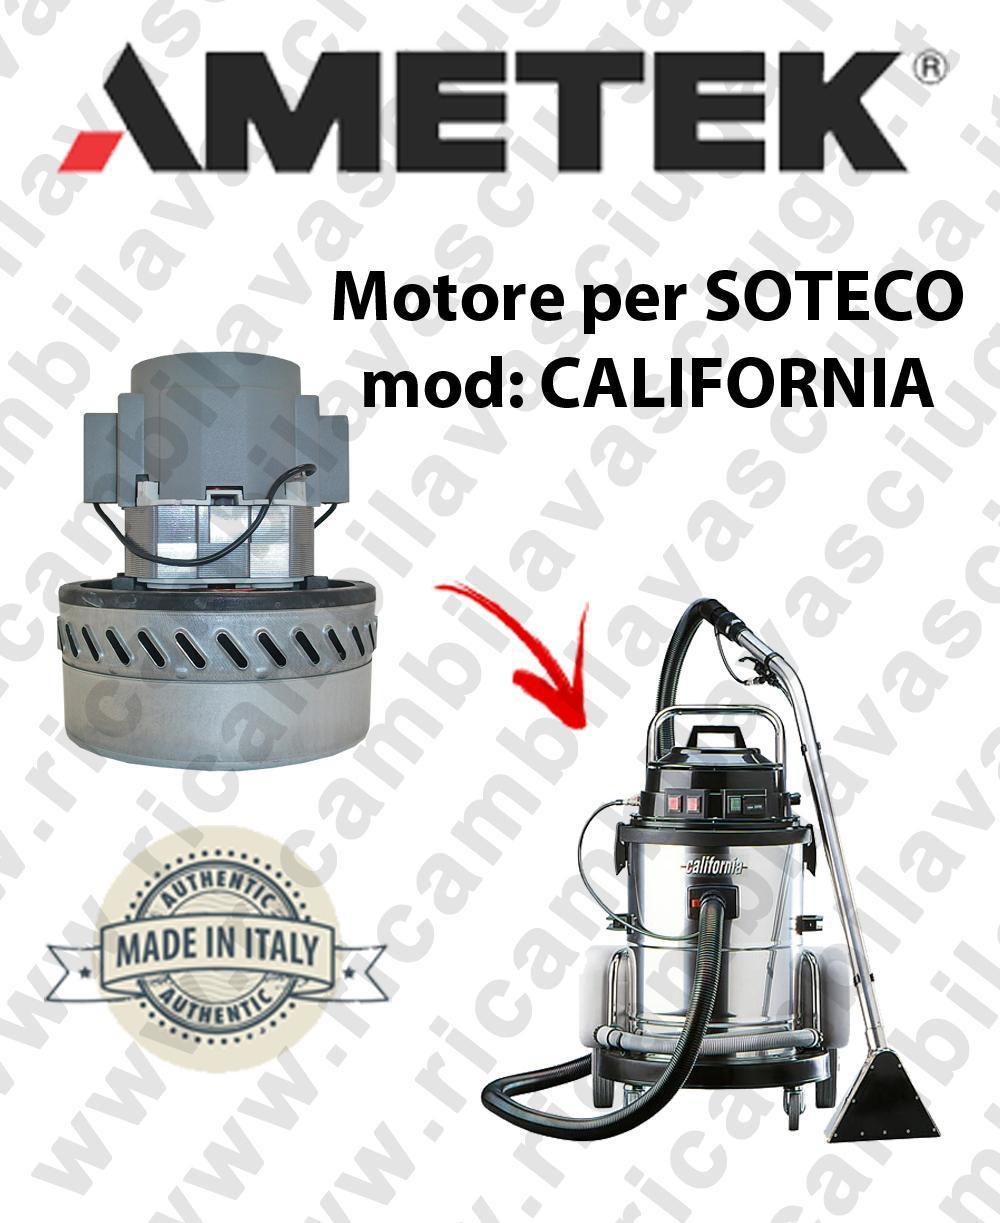 CALIFORNIA Motore de aspiración AMETEK  para aspiradora SOTECO